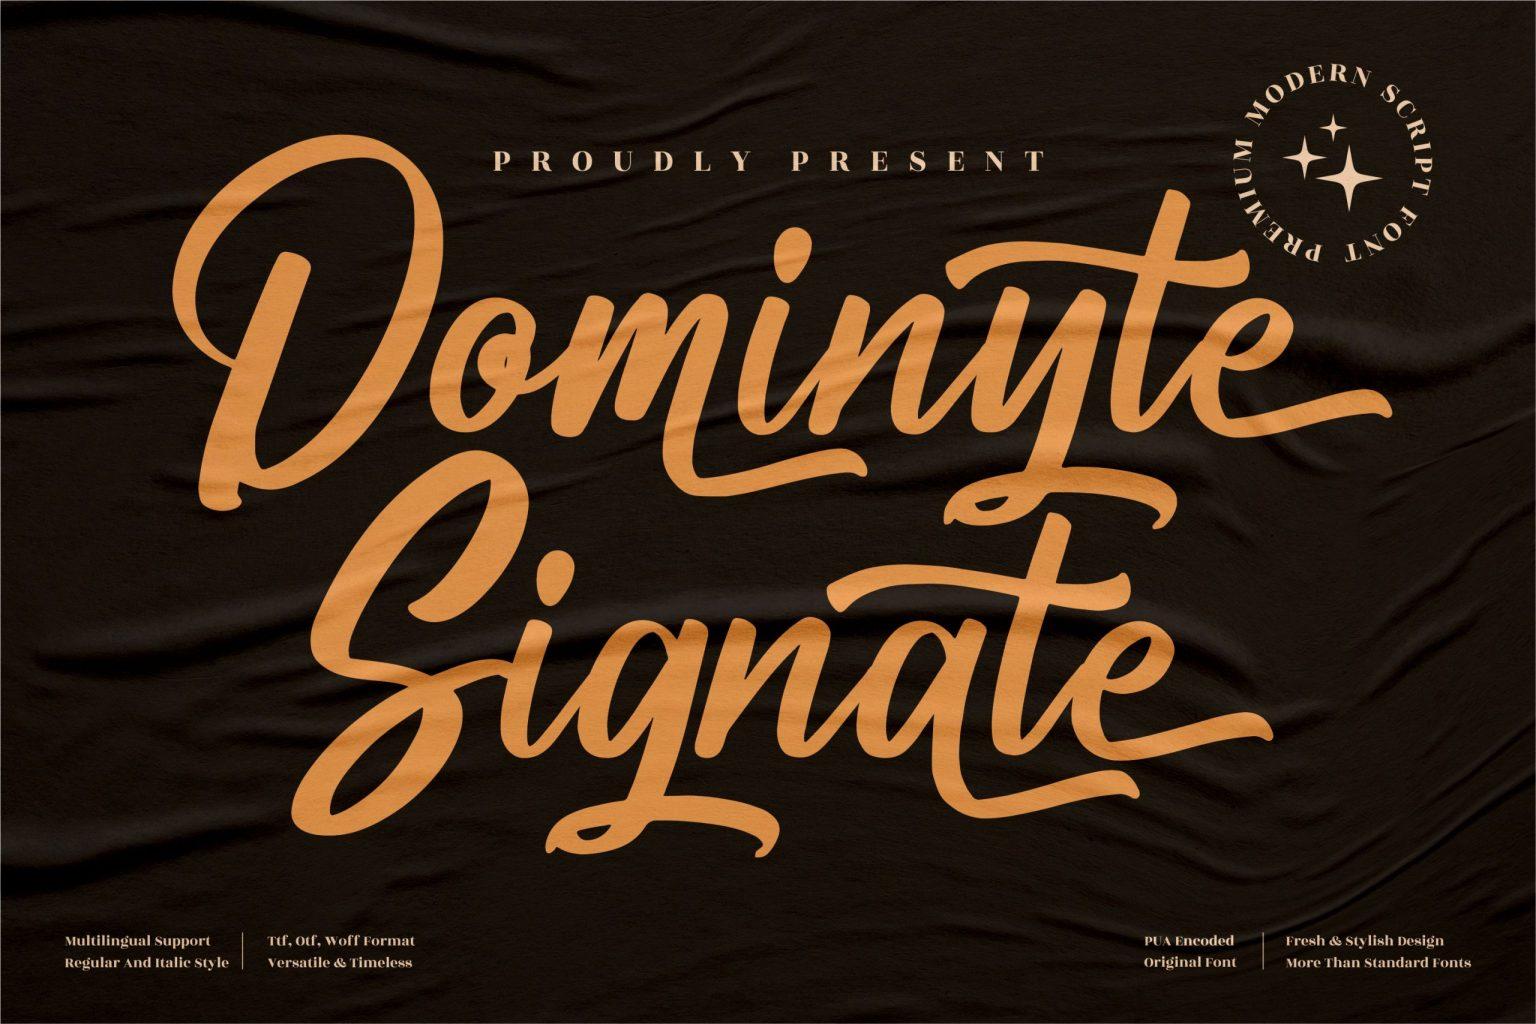 Dominyte Signate Script Font